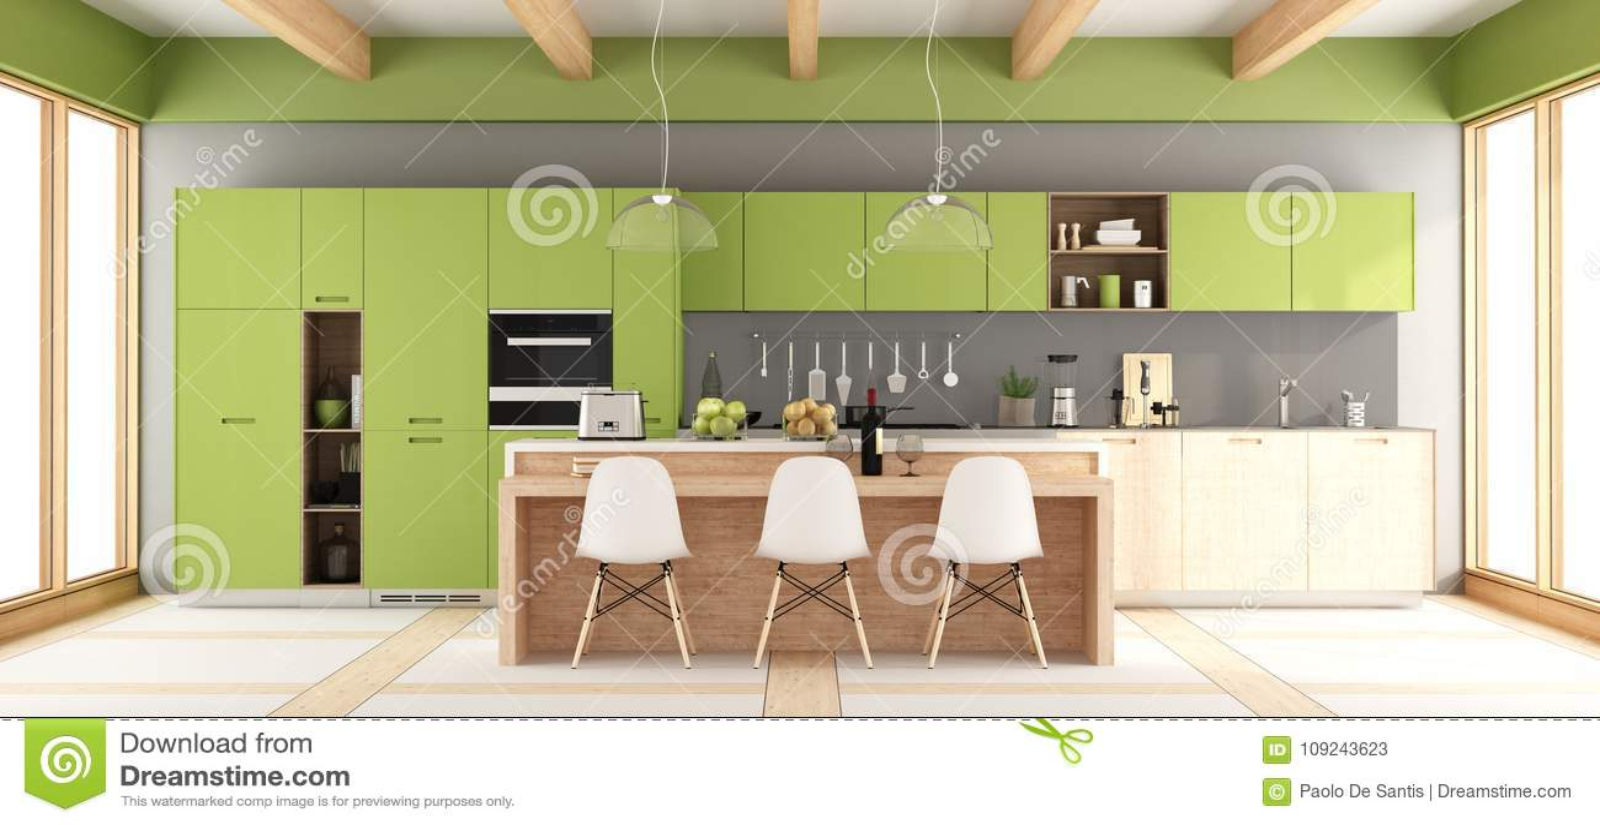 gray kitchen towels counter materials 绿色和灰色现代厨房库存例证 插画包括有设备 厨具 生活方式 最低纲领 有海岛和椅子的 3d绿色和灰色现代厨房翻译